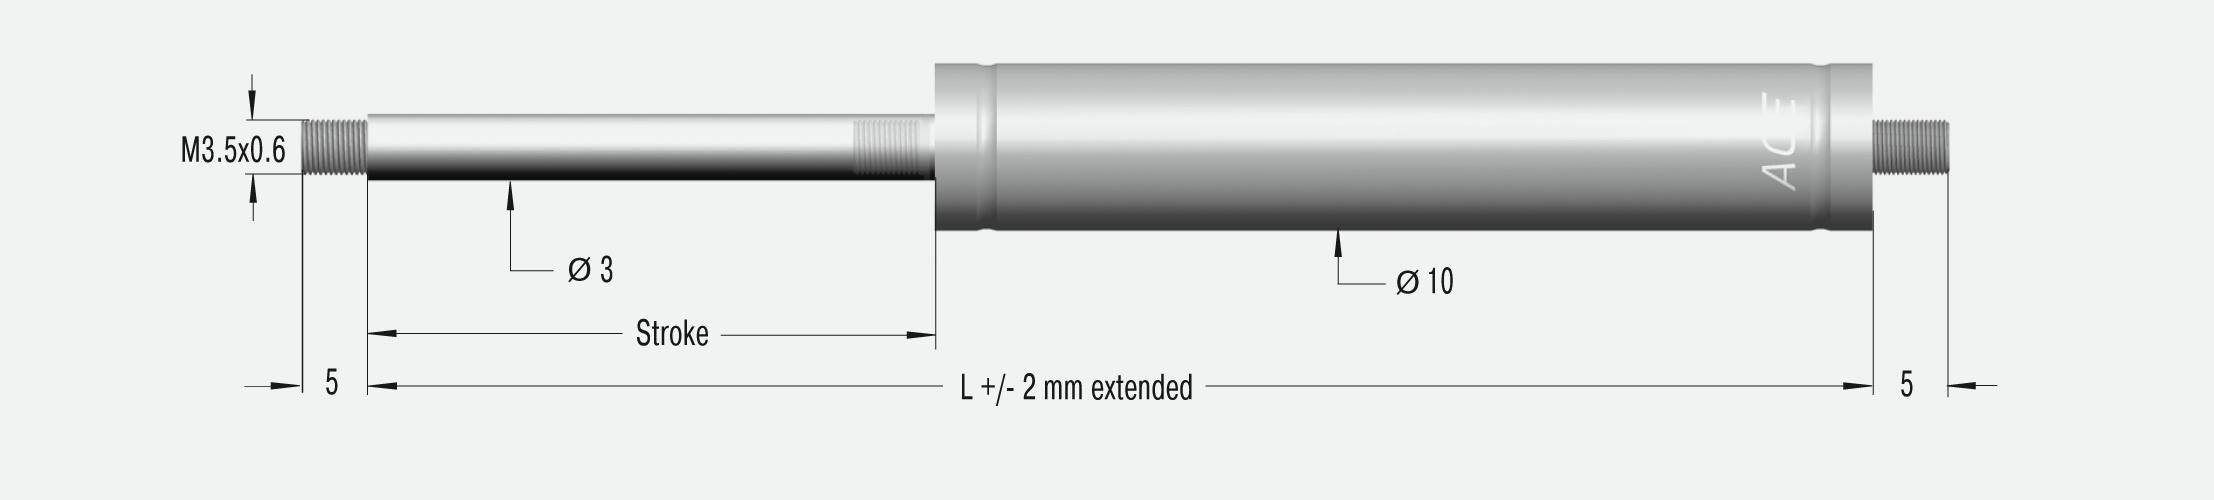 GS-10-30-V4A